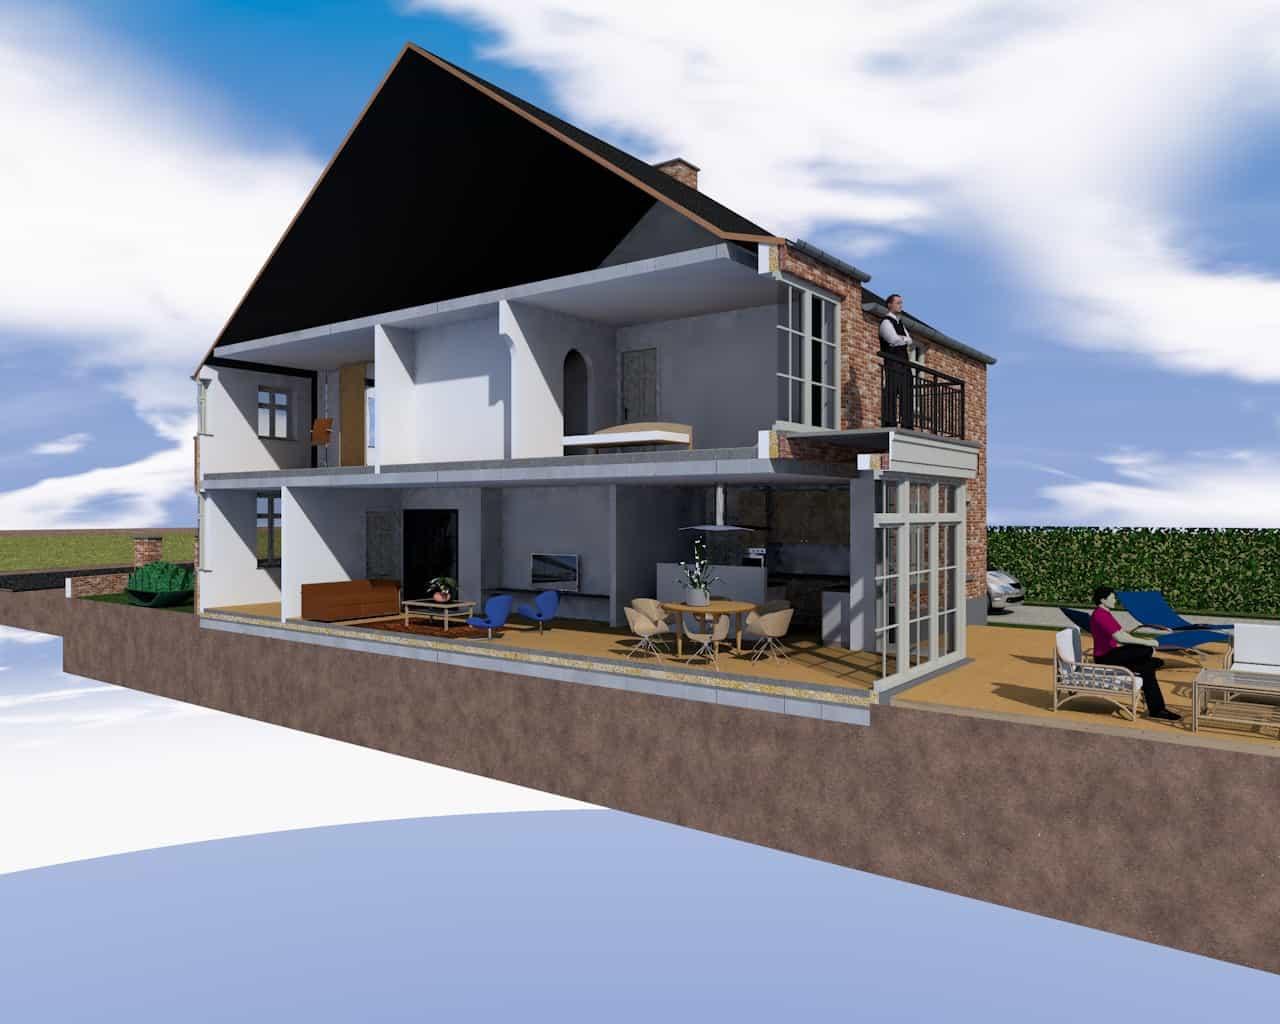 Detail afbeelding 5 van S & C   –   Gezinswoning met kapsalon   –   Genk | Ontwerp door architect Patrick Strackx